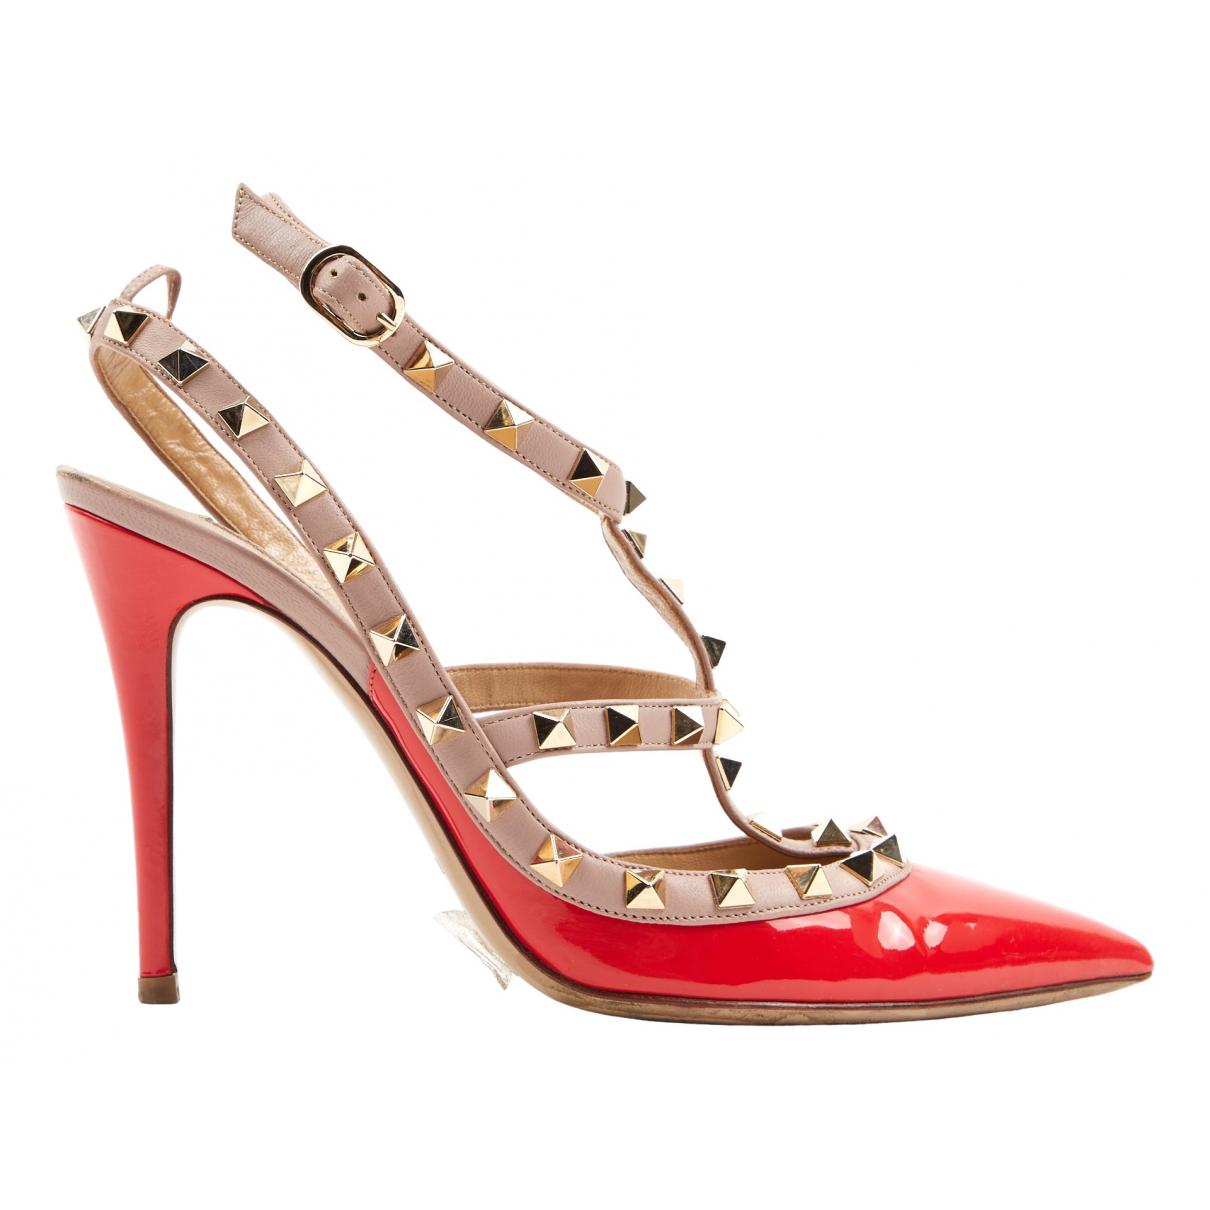 Valentino Garavani - Escarpins Rockstud pour femme en cuir verni - rouge